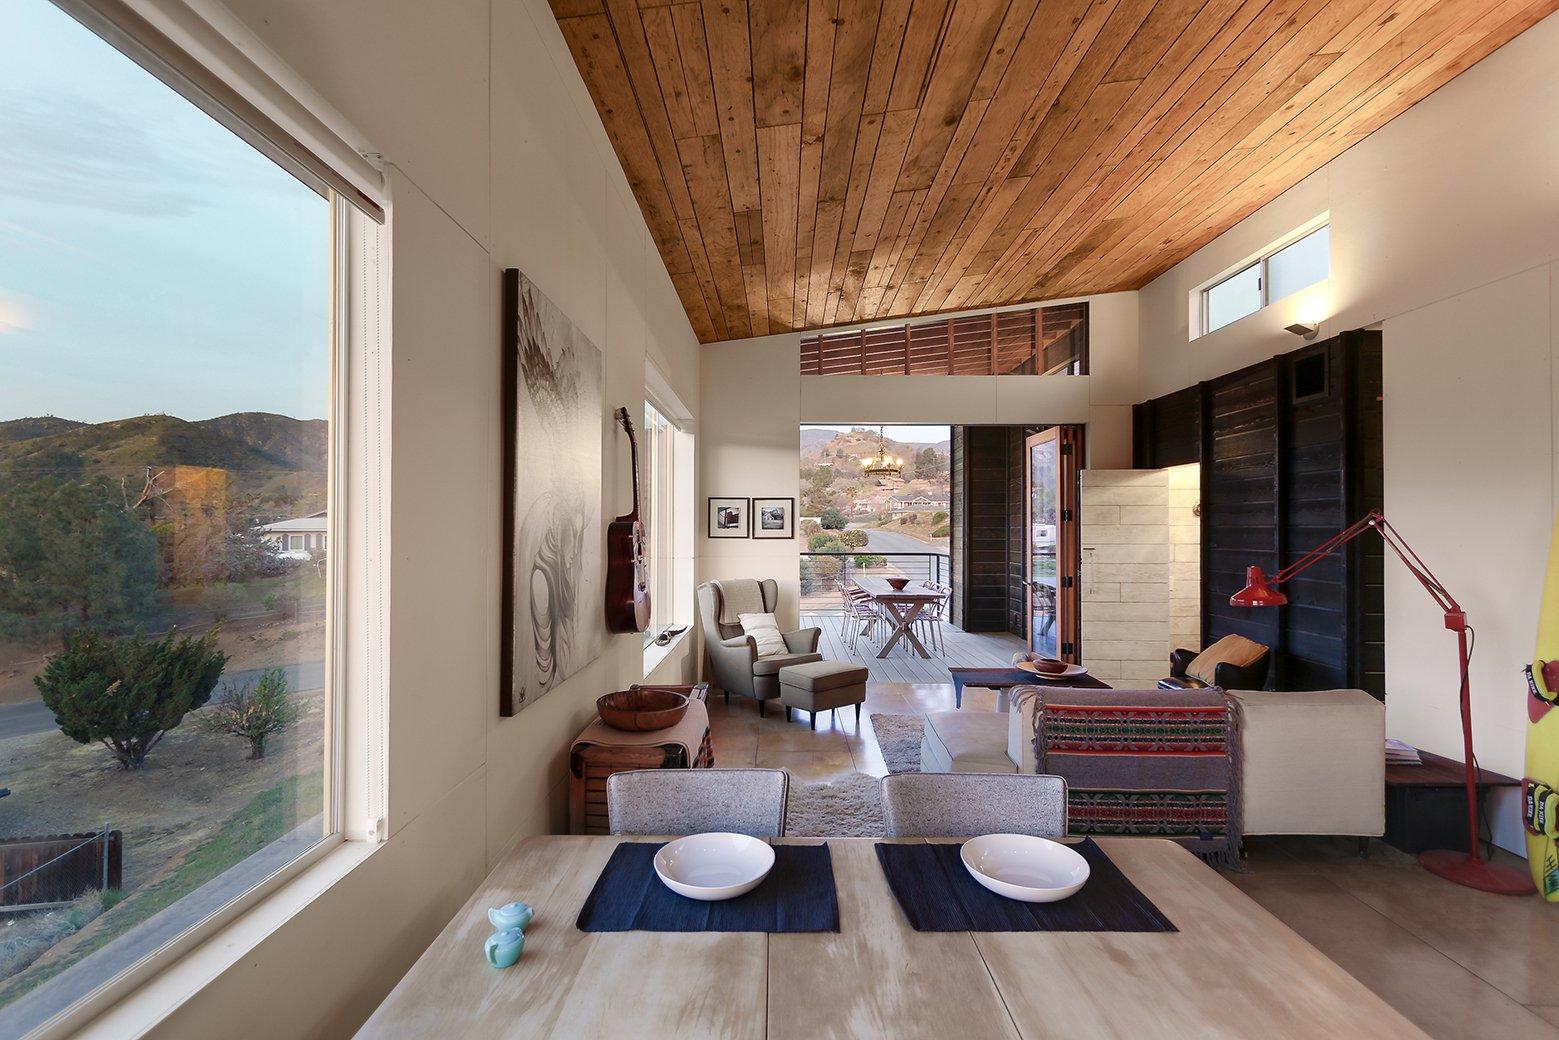 510 Cabin / Hunter Leggitt Studio (16)